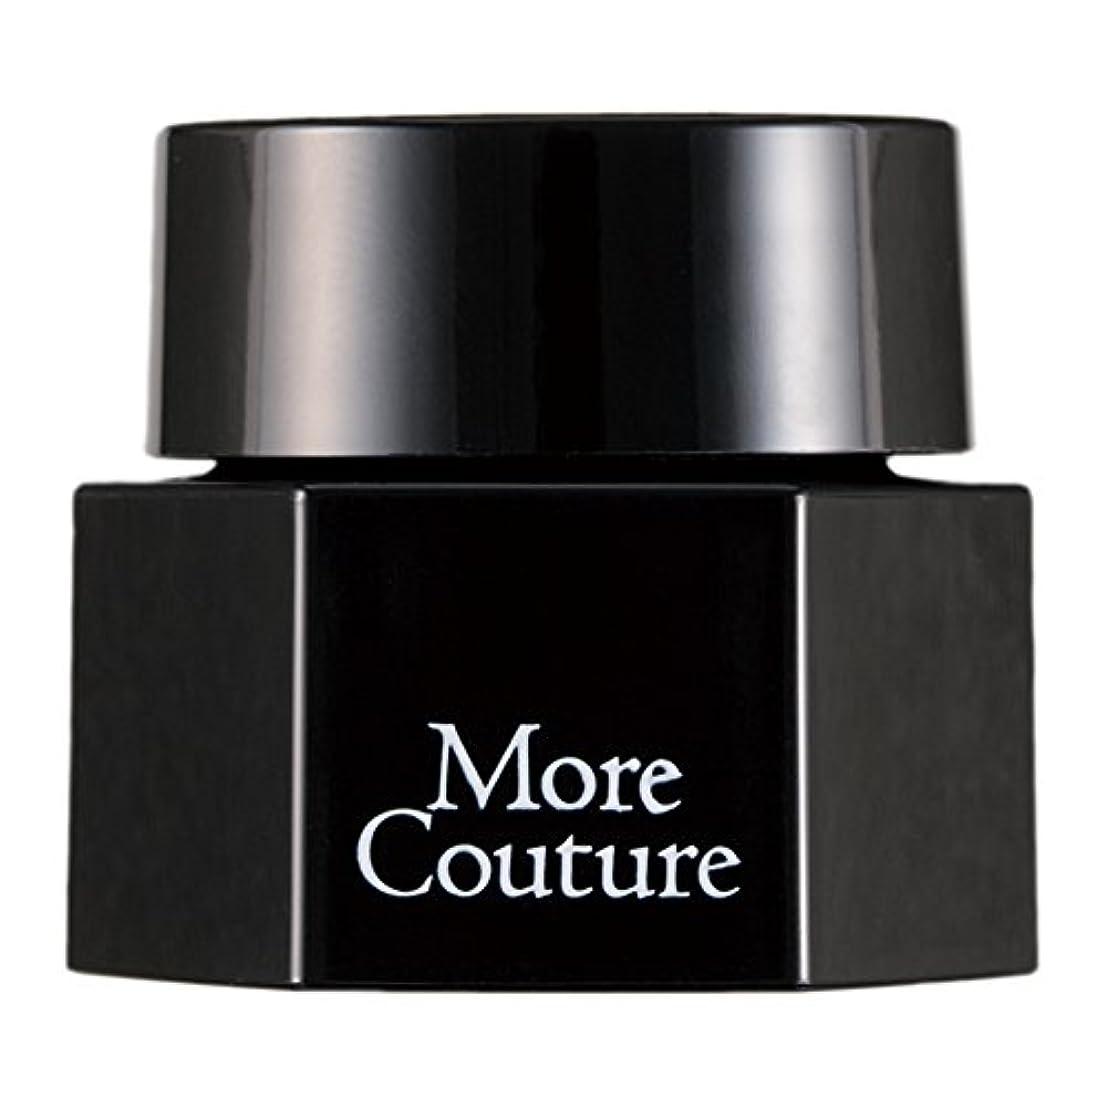 尊敬するつかまえる落ち着いてMore Couture カラージェル 306 フレンチバニラ 5g UV/LED対応